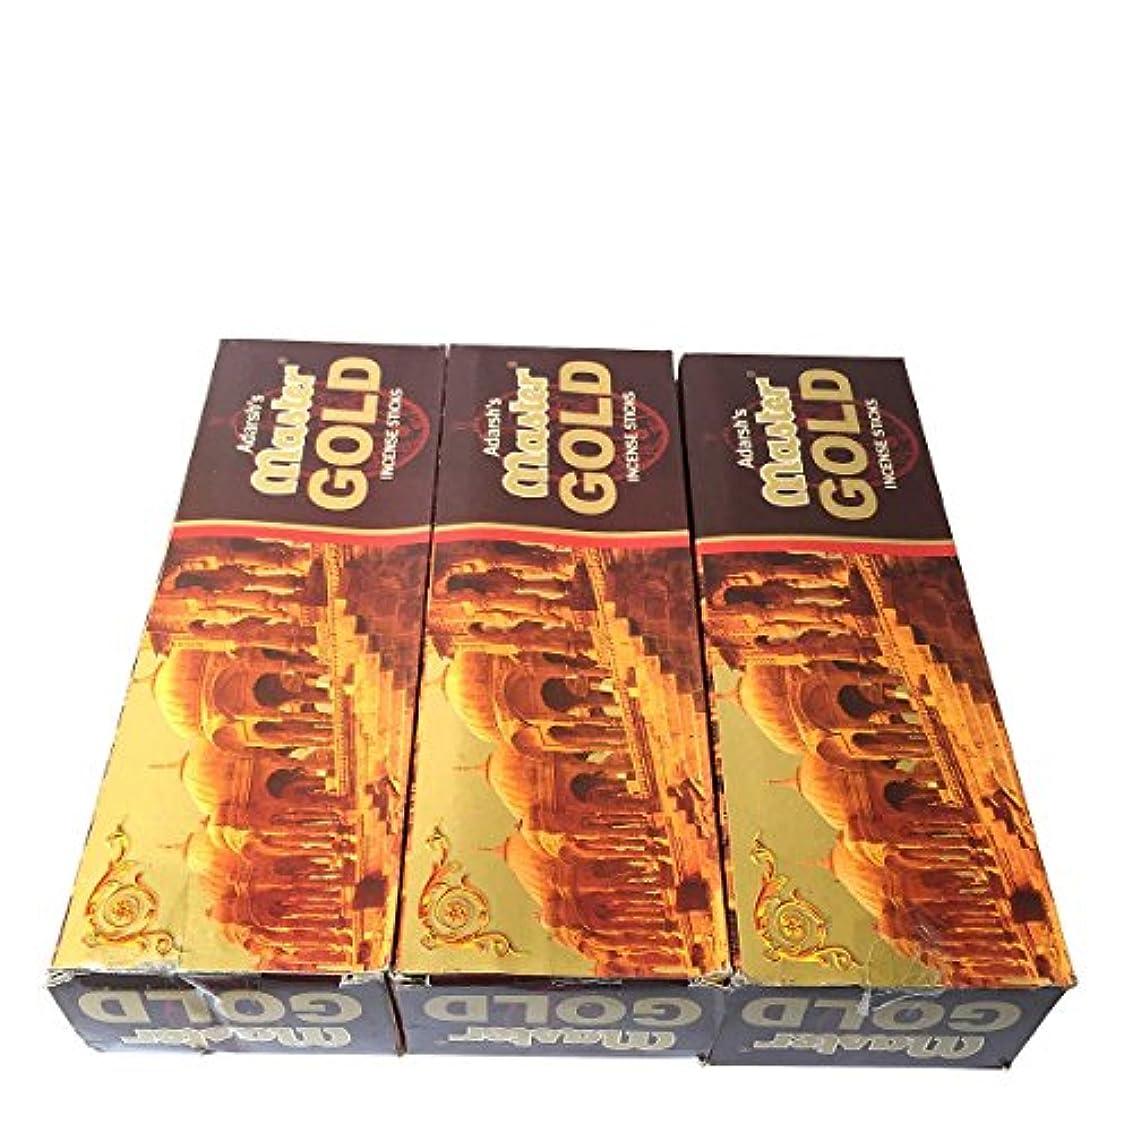 ガロン徐々に王室マスターゴールド香スティック 3BOX(18箱) /ADARSH AROMATICS  MASTER GOLD/インセンス/インド香 お香 [並行輸入品]